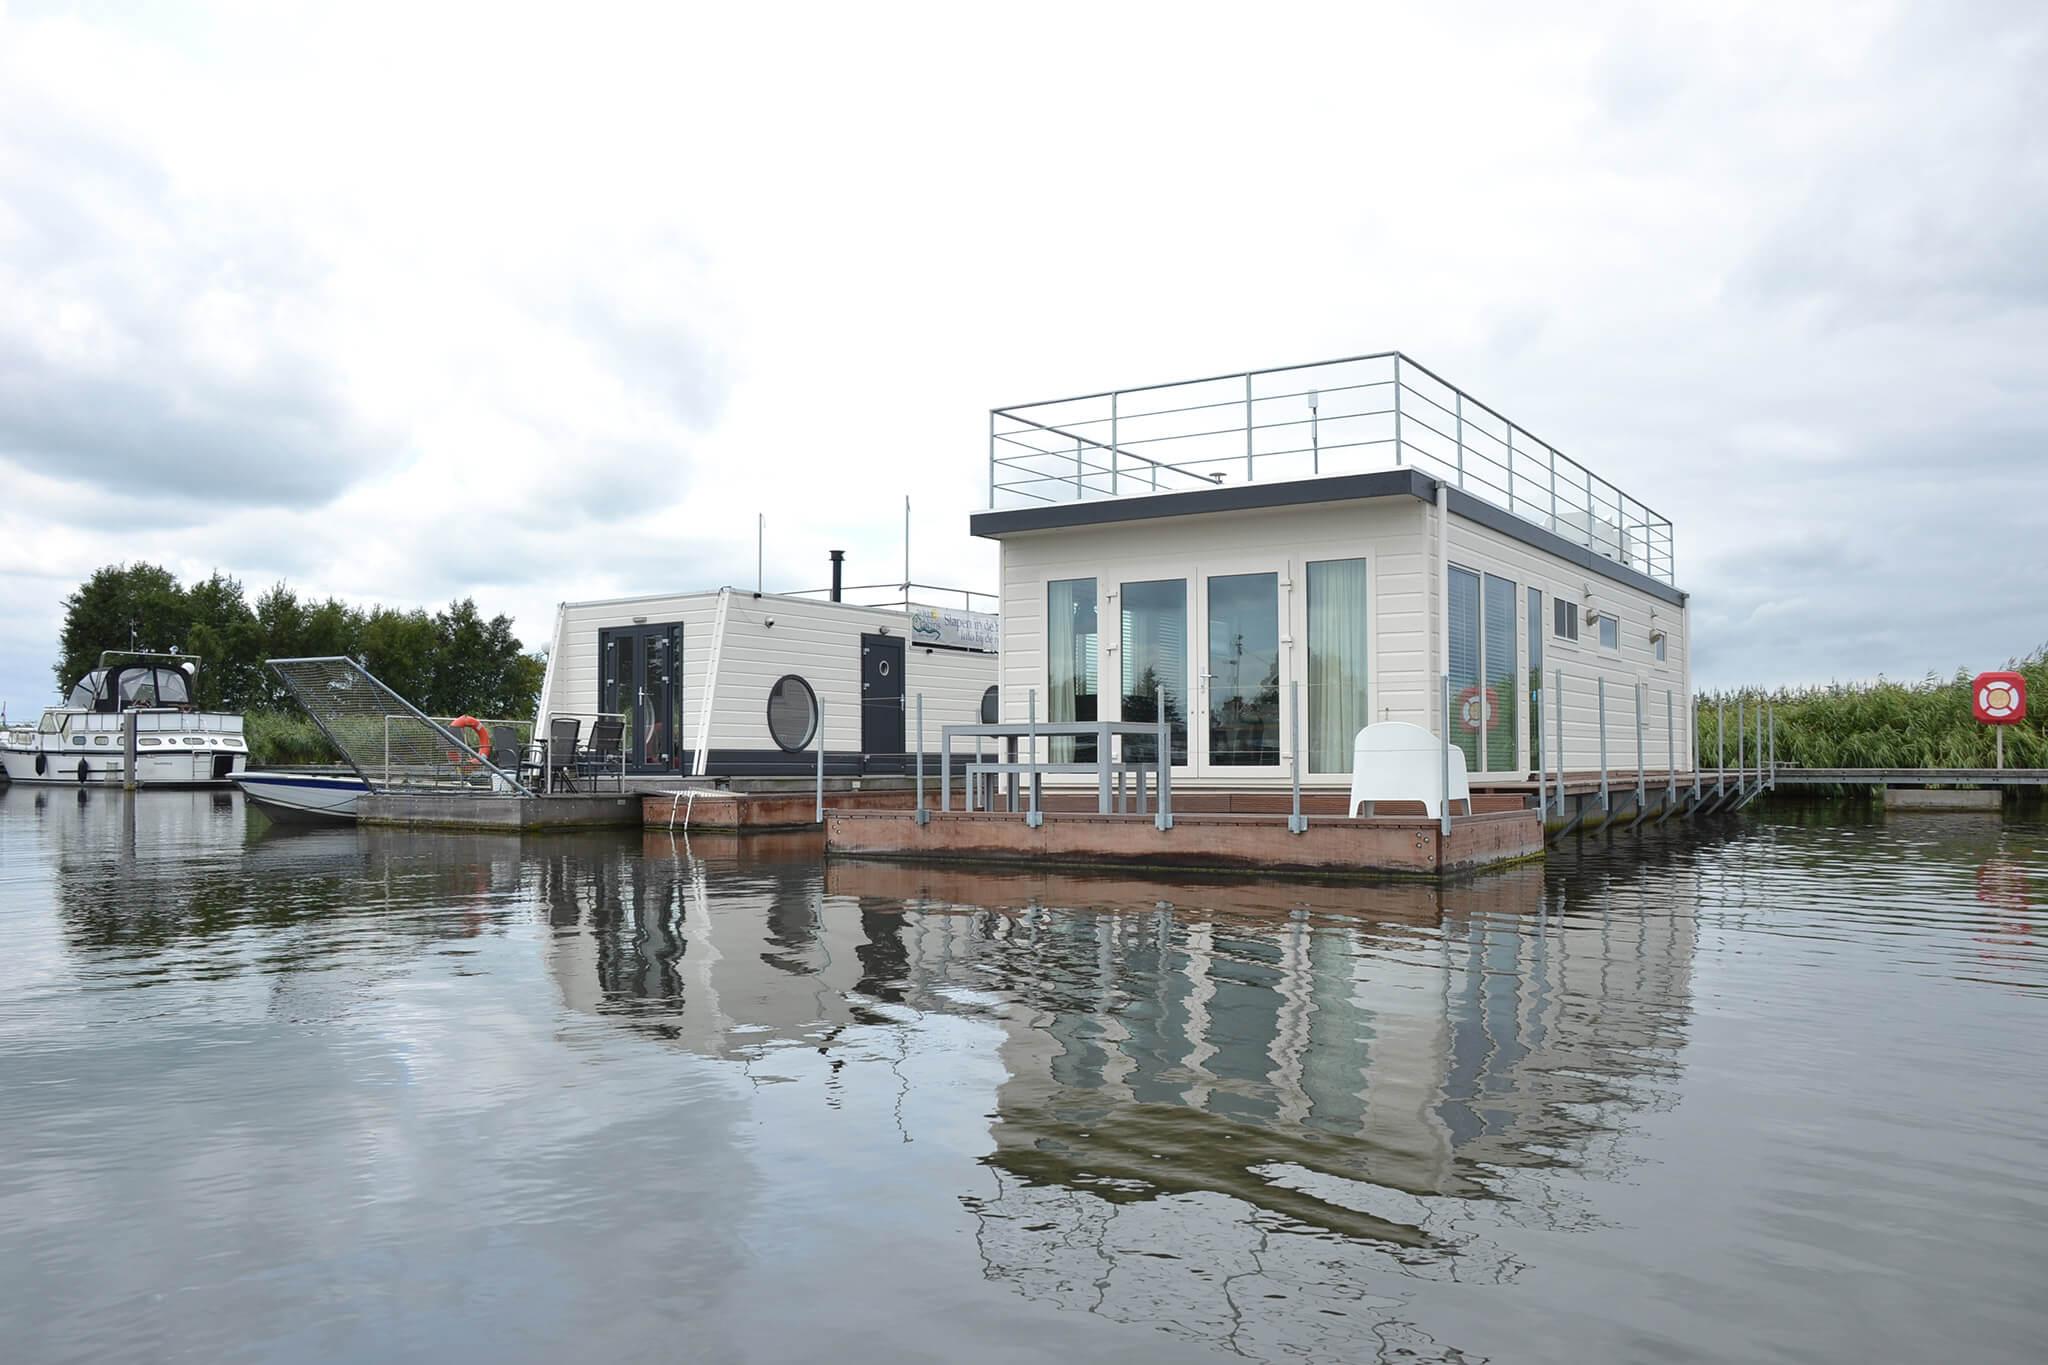 Aquacabin Kempers Watersport - Sleeping in the harbour Aalsmeer